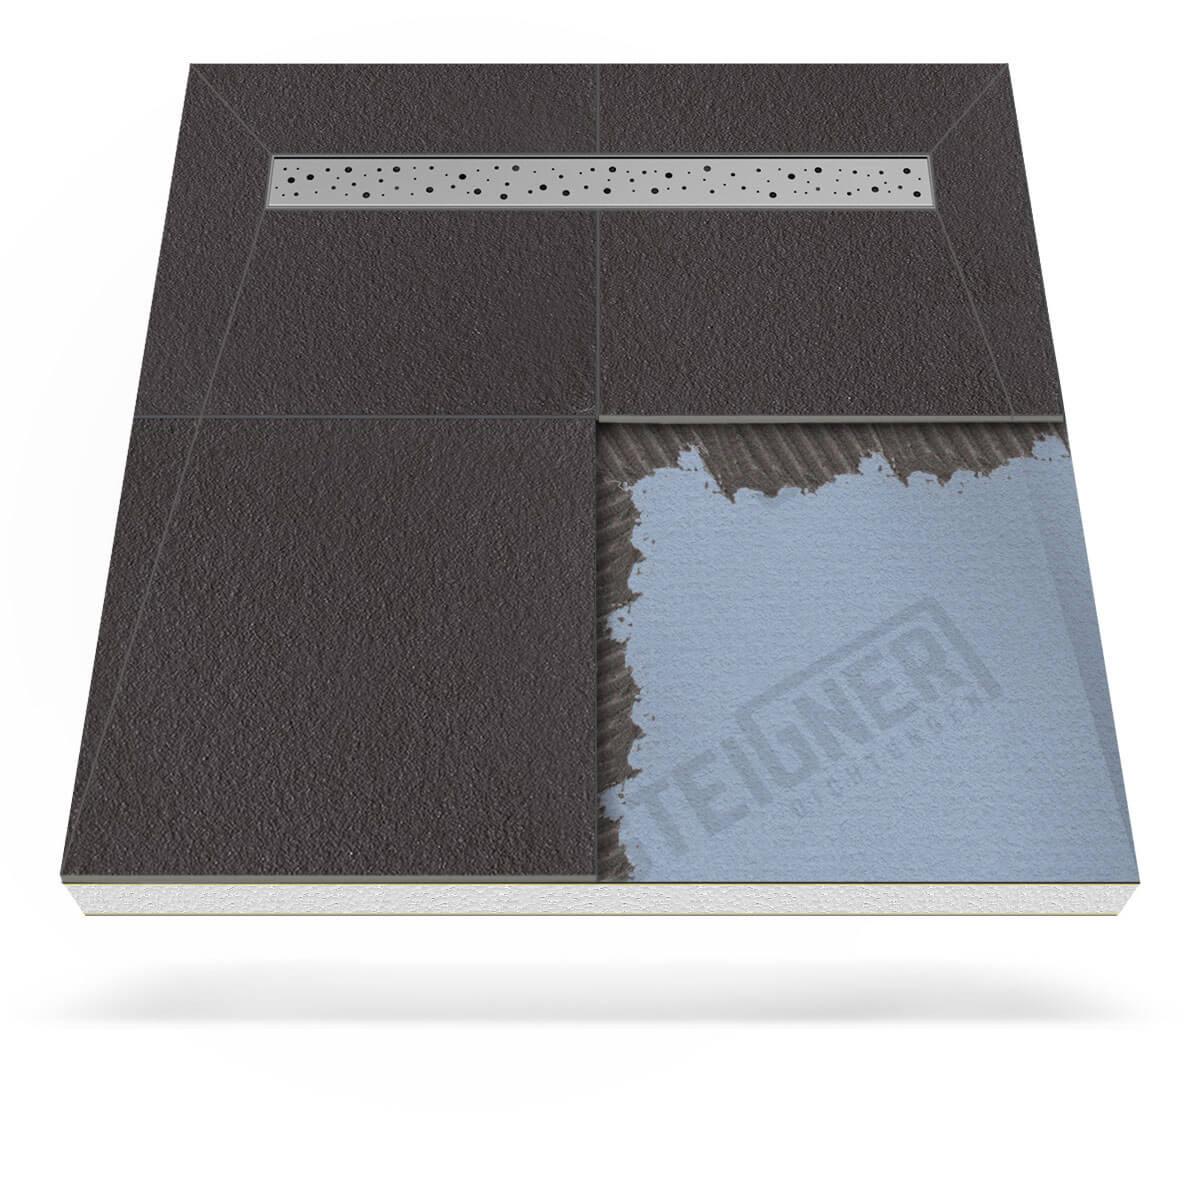 befliesbares duschboard mineral plus mit edelstahl duschrinne - steigner